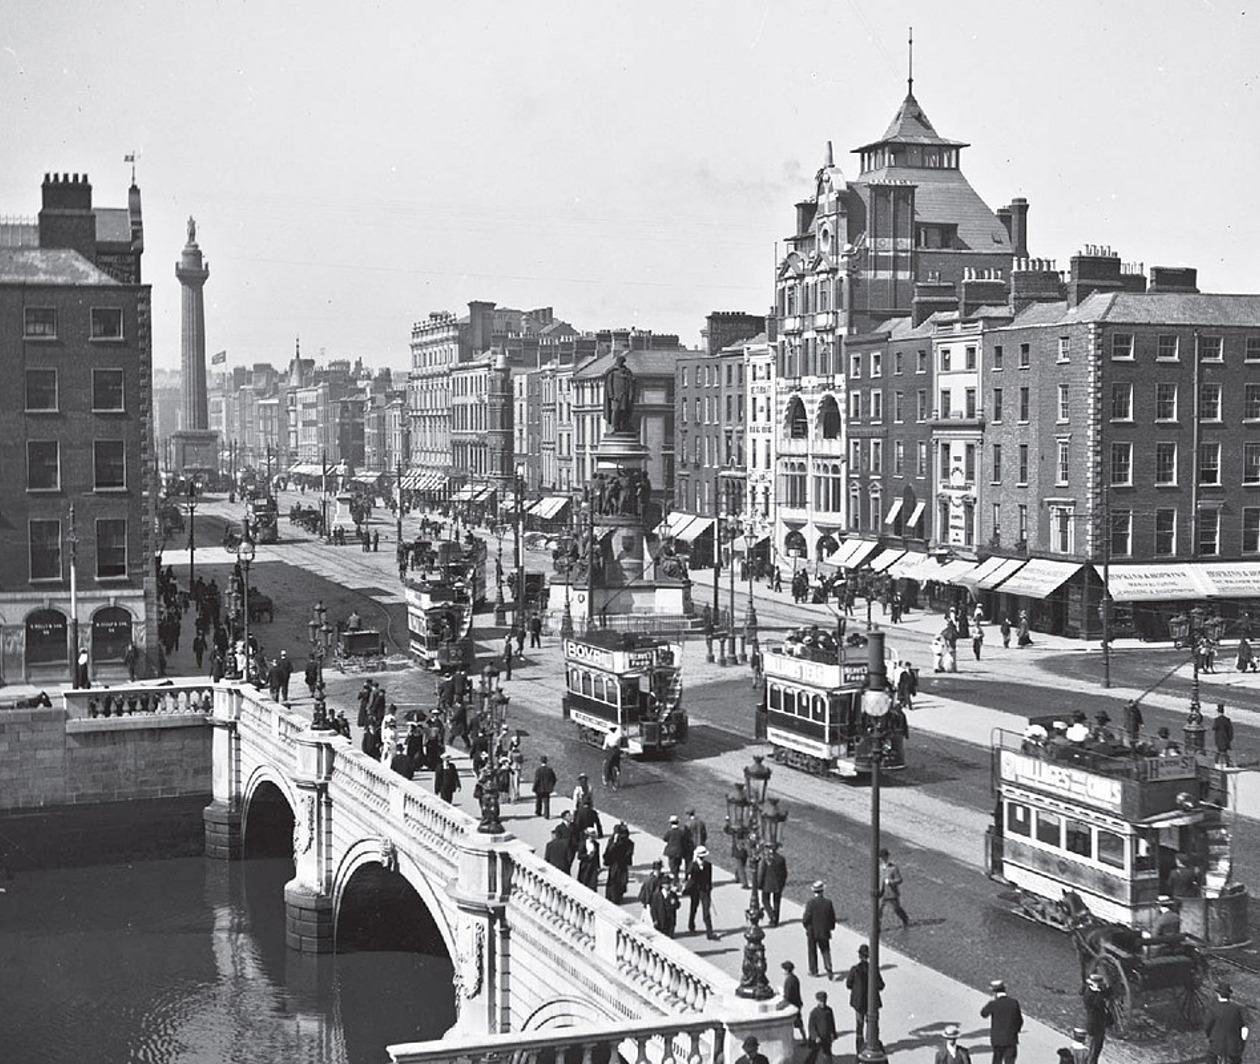 Dublin: A Social History, 1850-1930